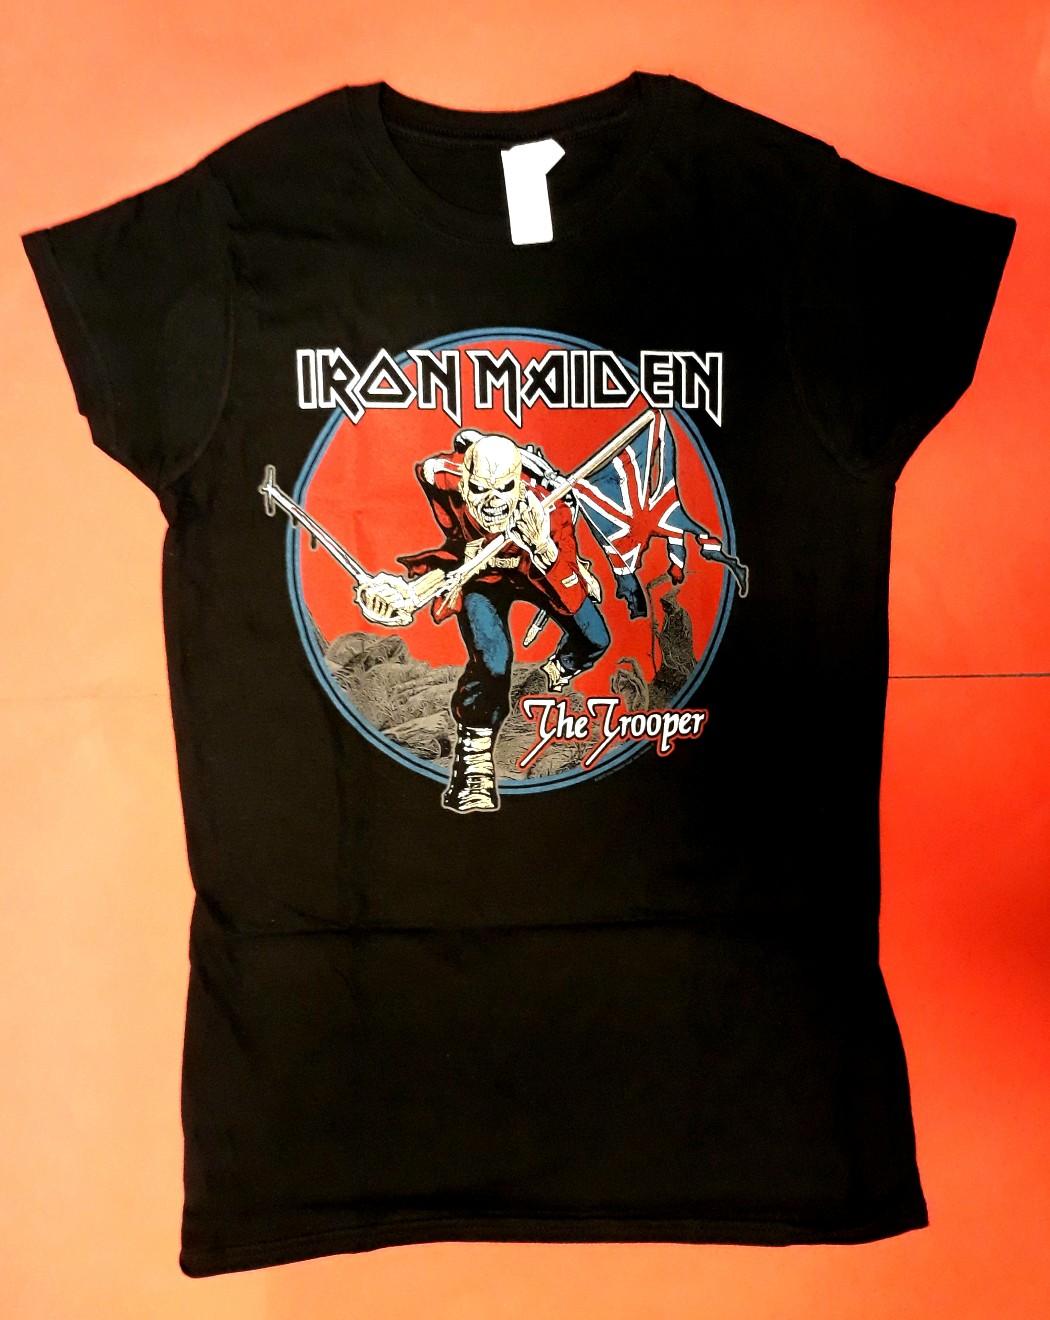 c85e7b632 Camiseta Iron Maiden chica - TELON DE ACERO